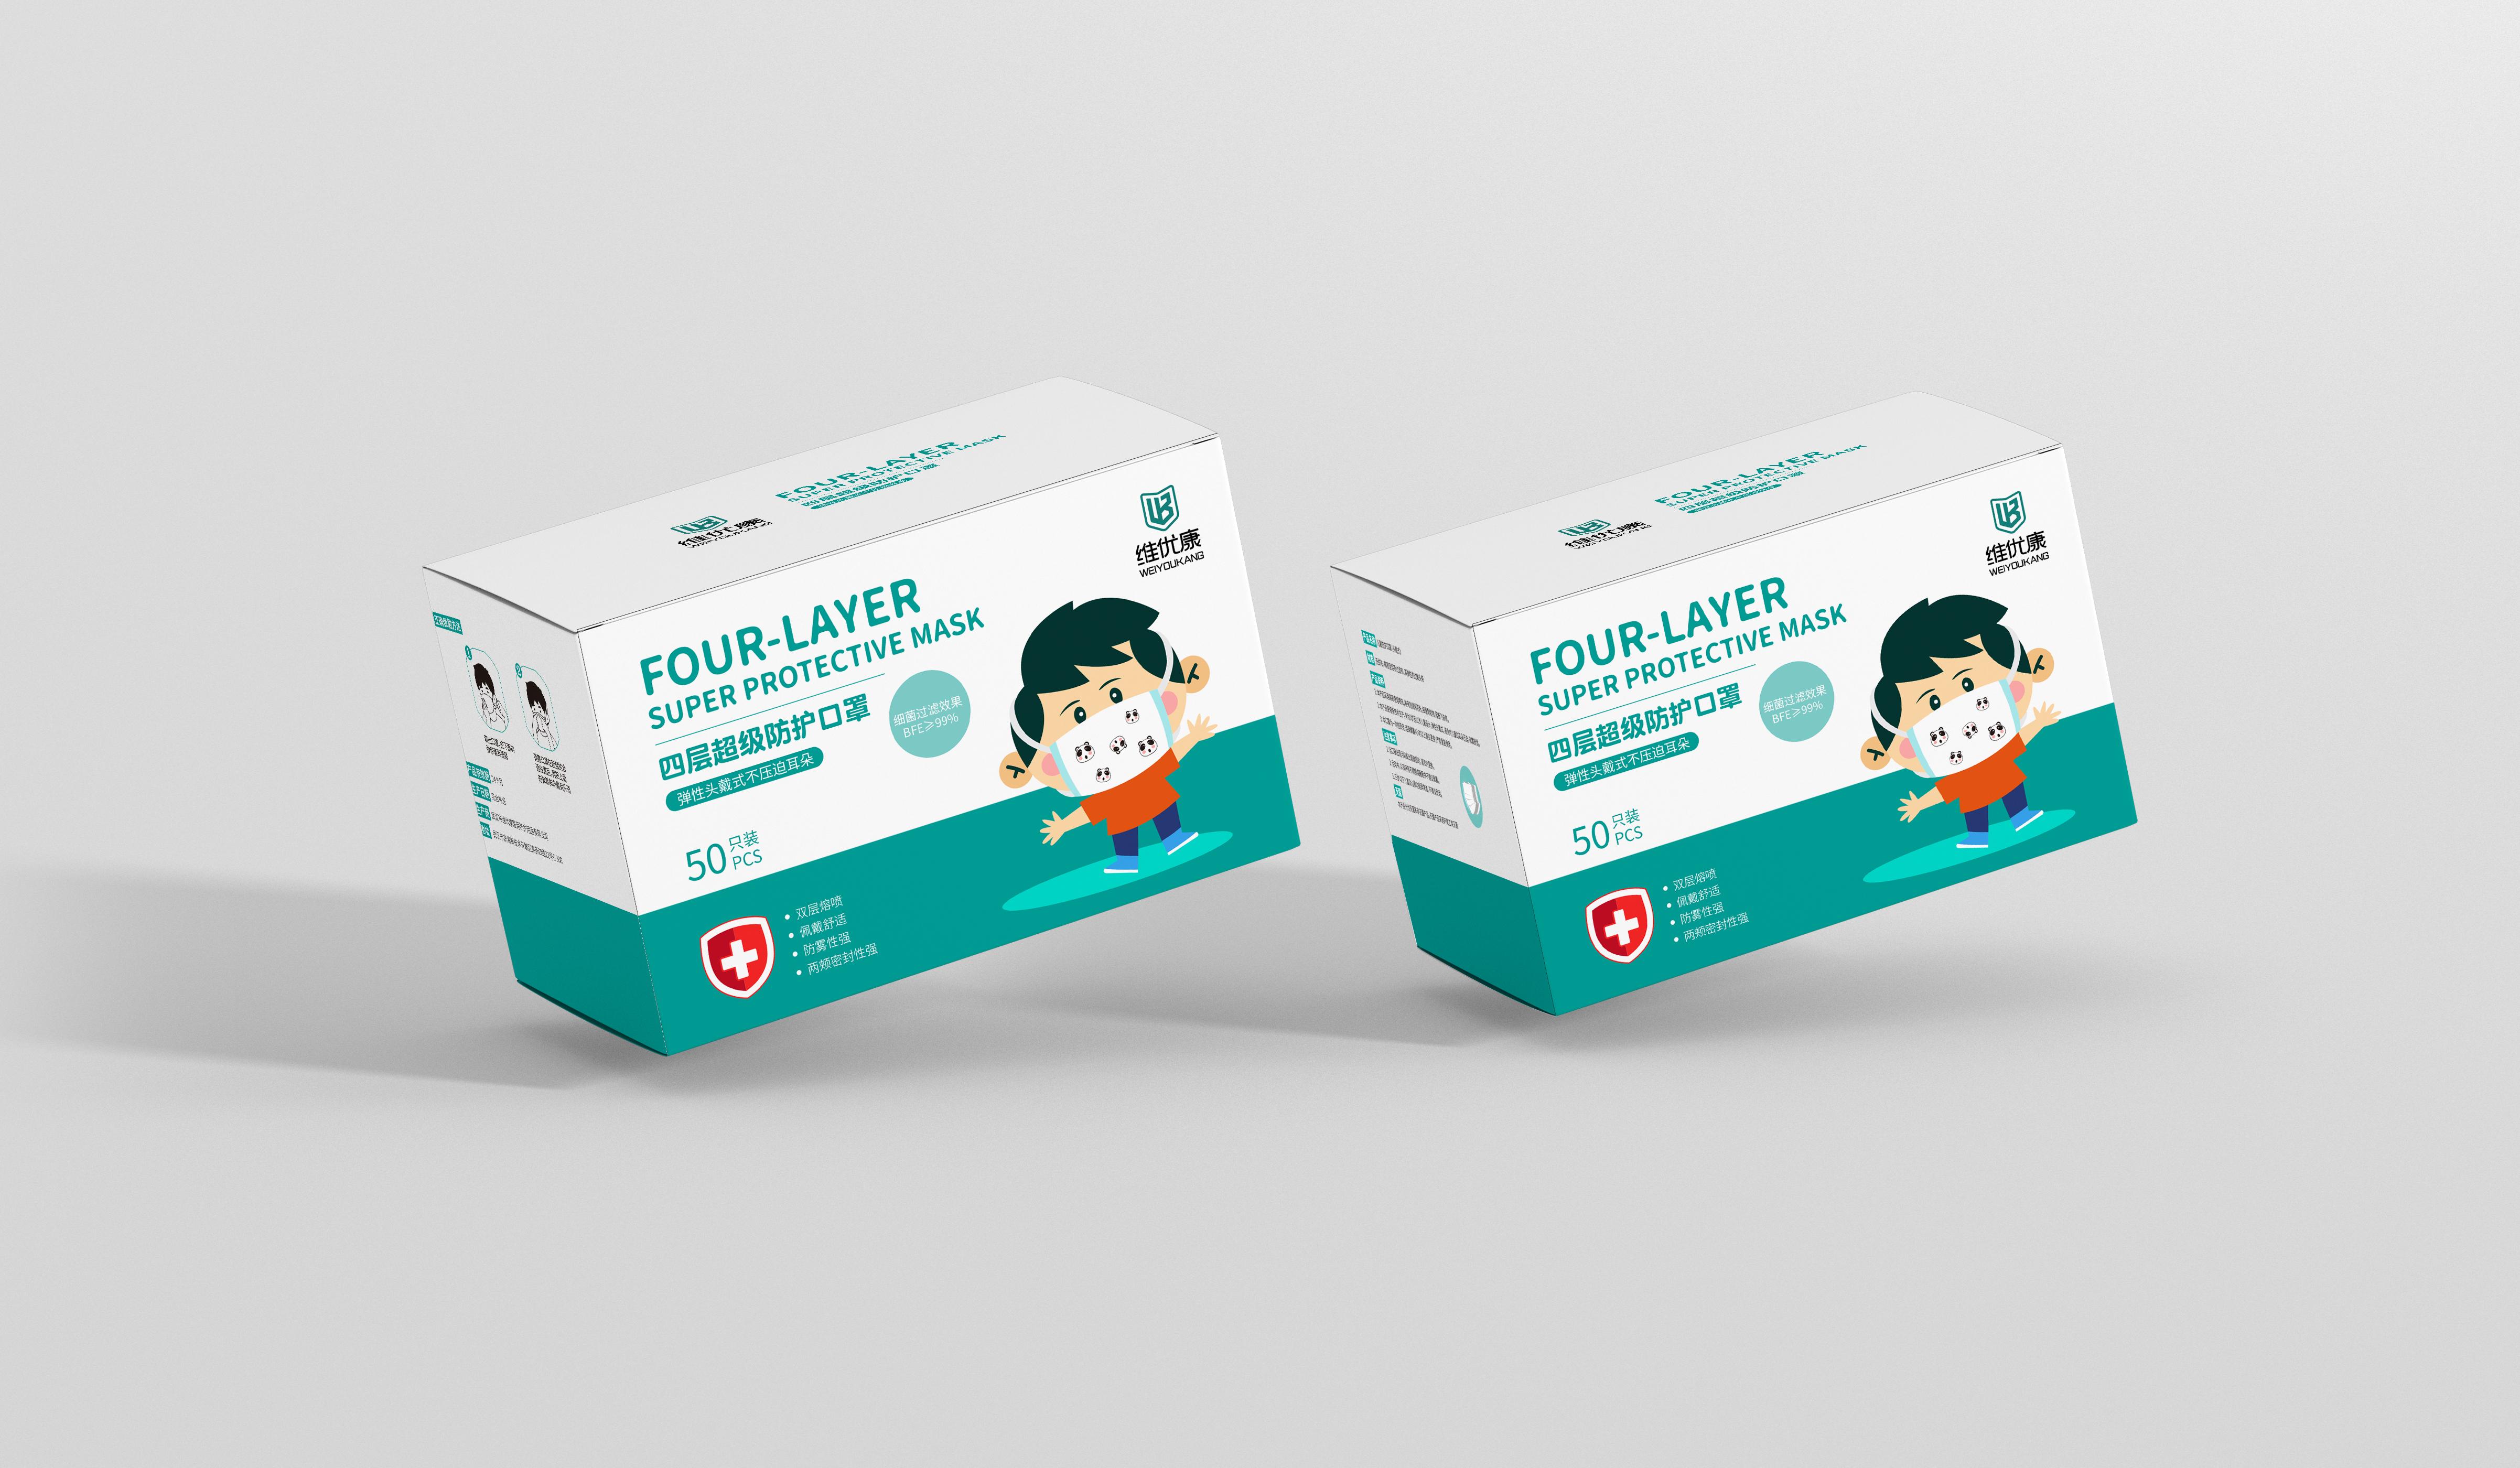 纸盒纸袋包装盒设计包装袋手提袋瓶标礼盒装卡通食品茶叶包装设计